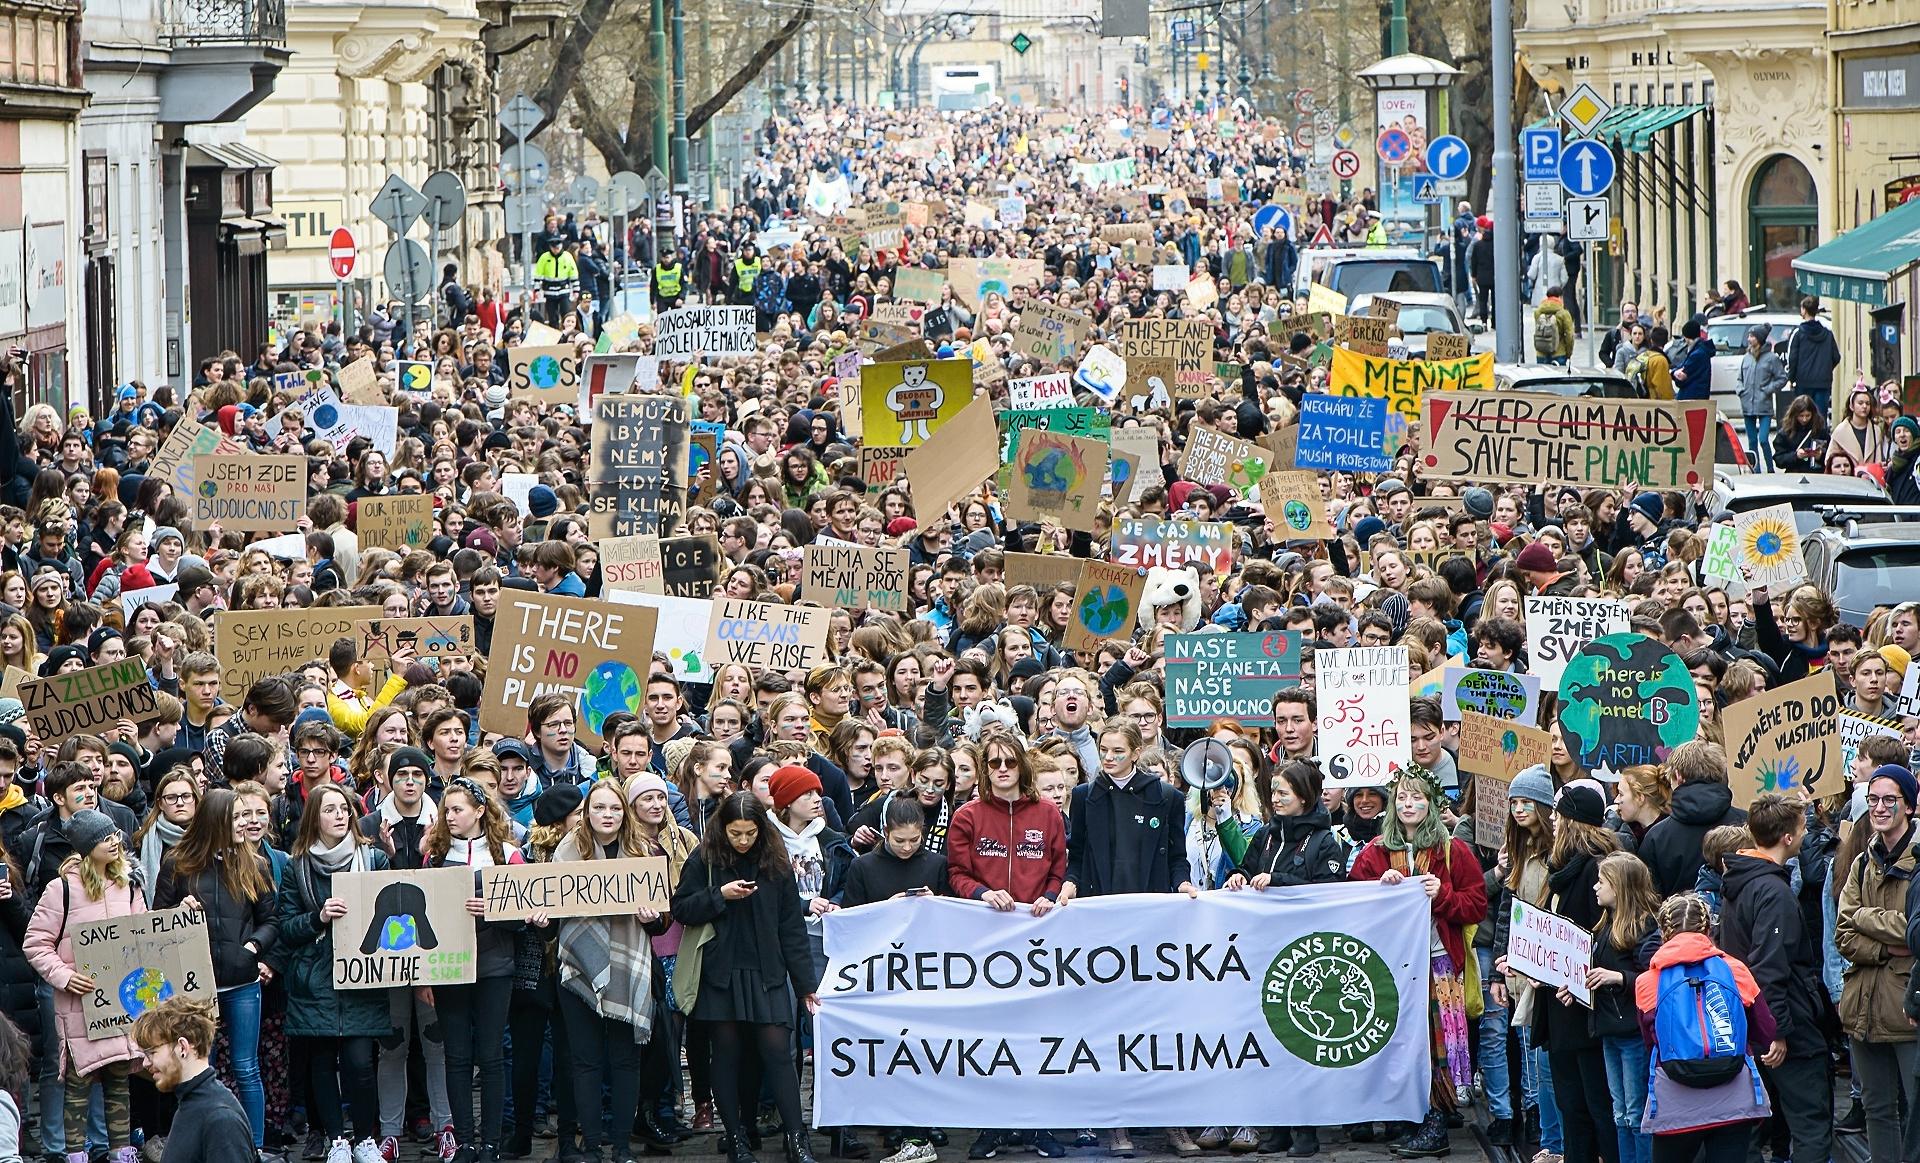 Debata Ke Studentské Klimatické Stávce